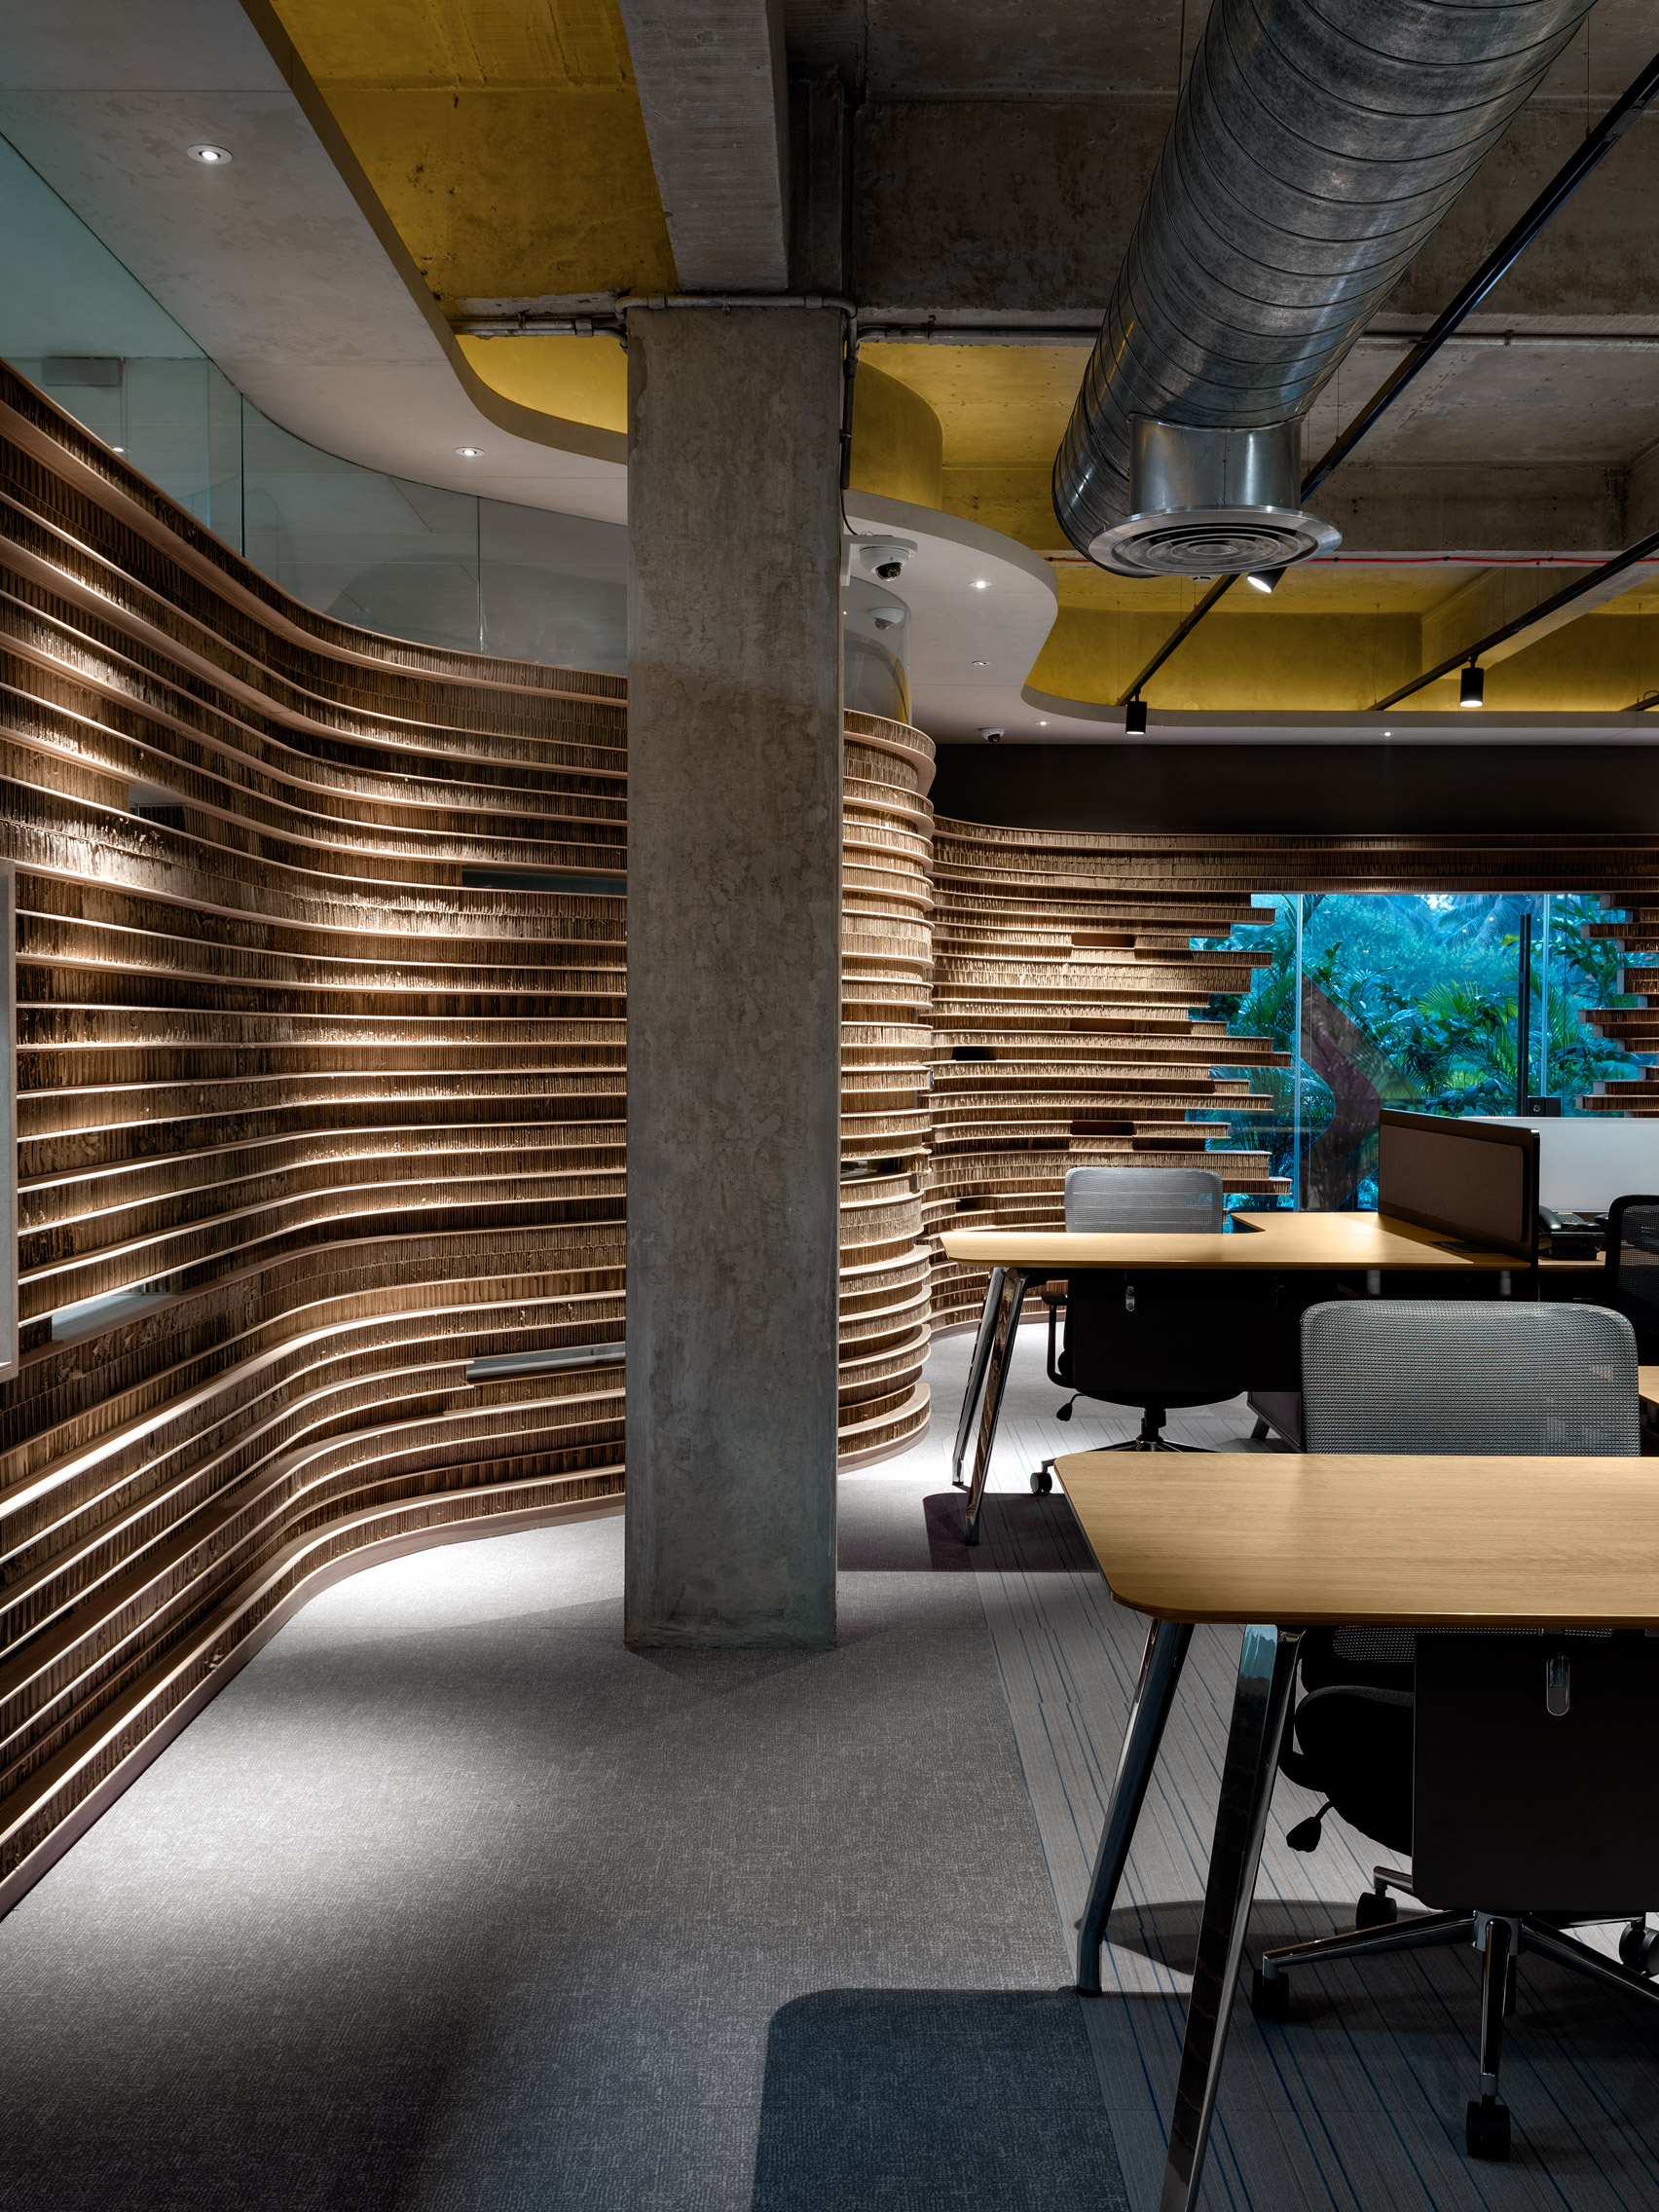 Офис из картона: фото впечатляющего экодизайна - фото 3